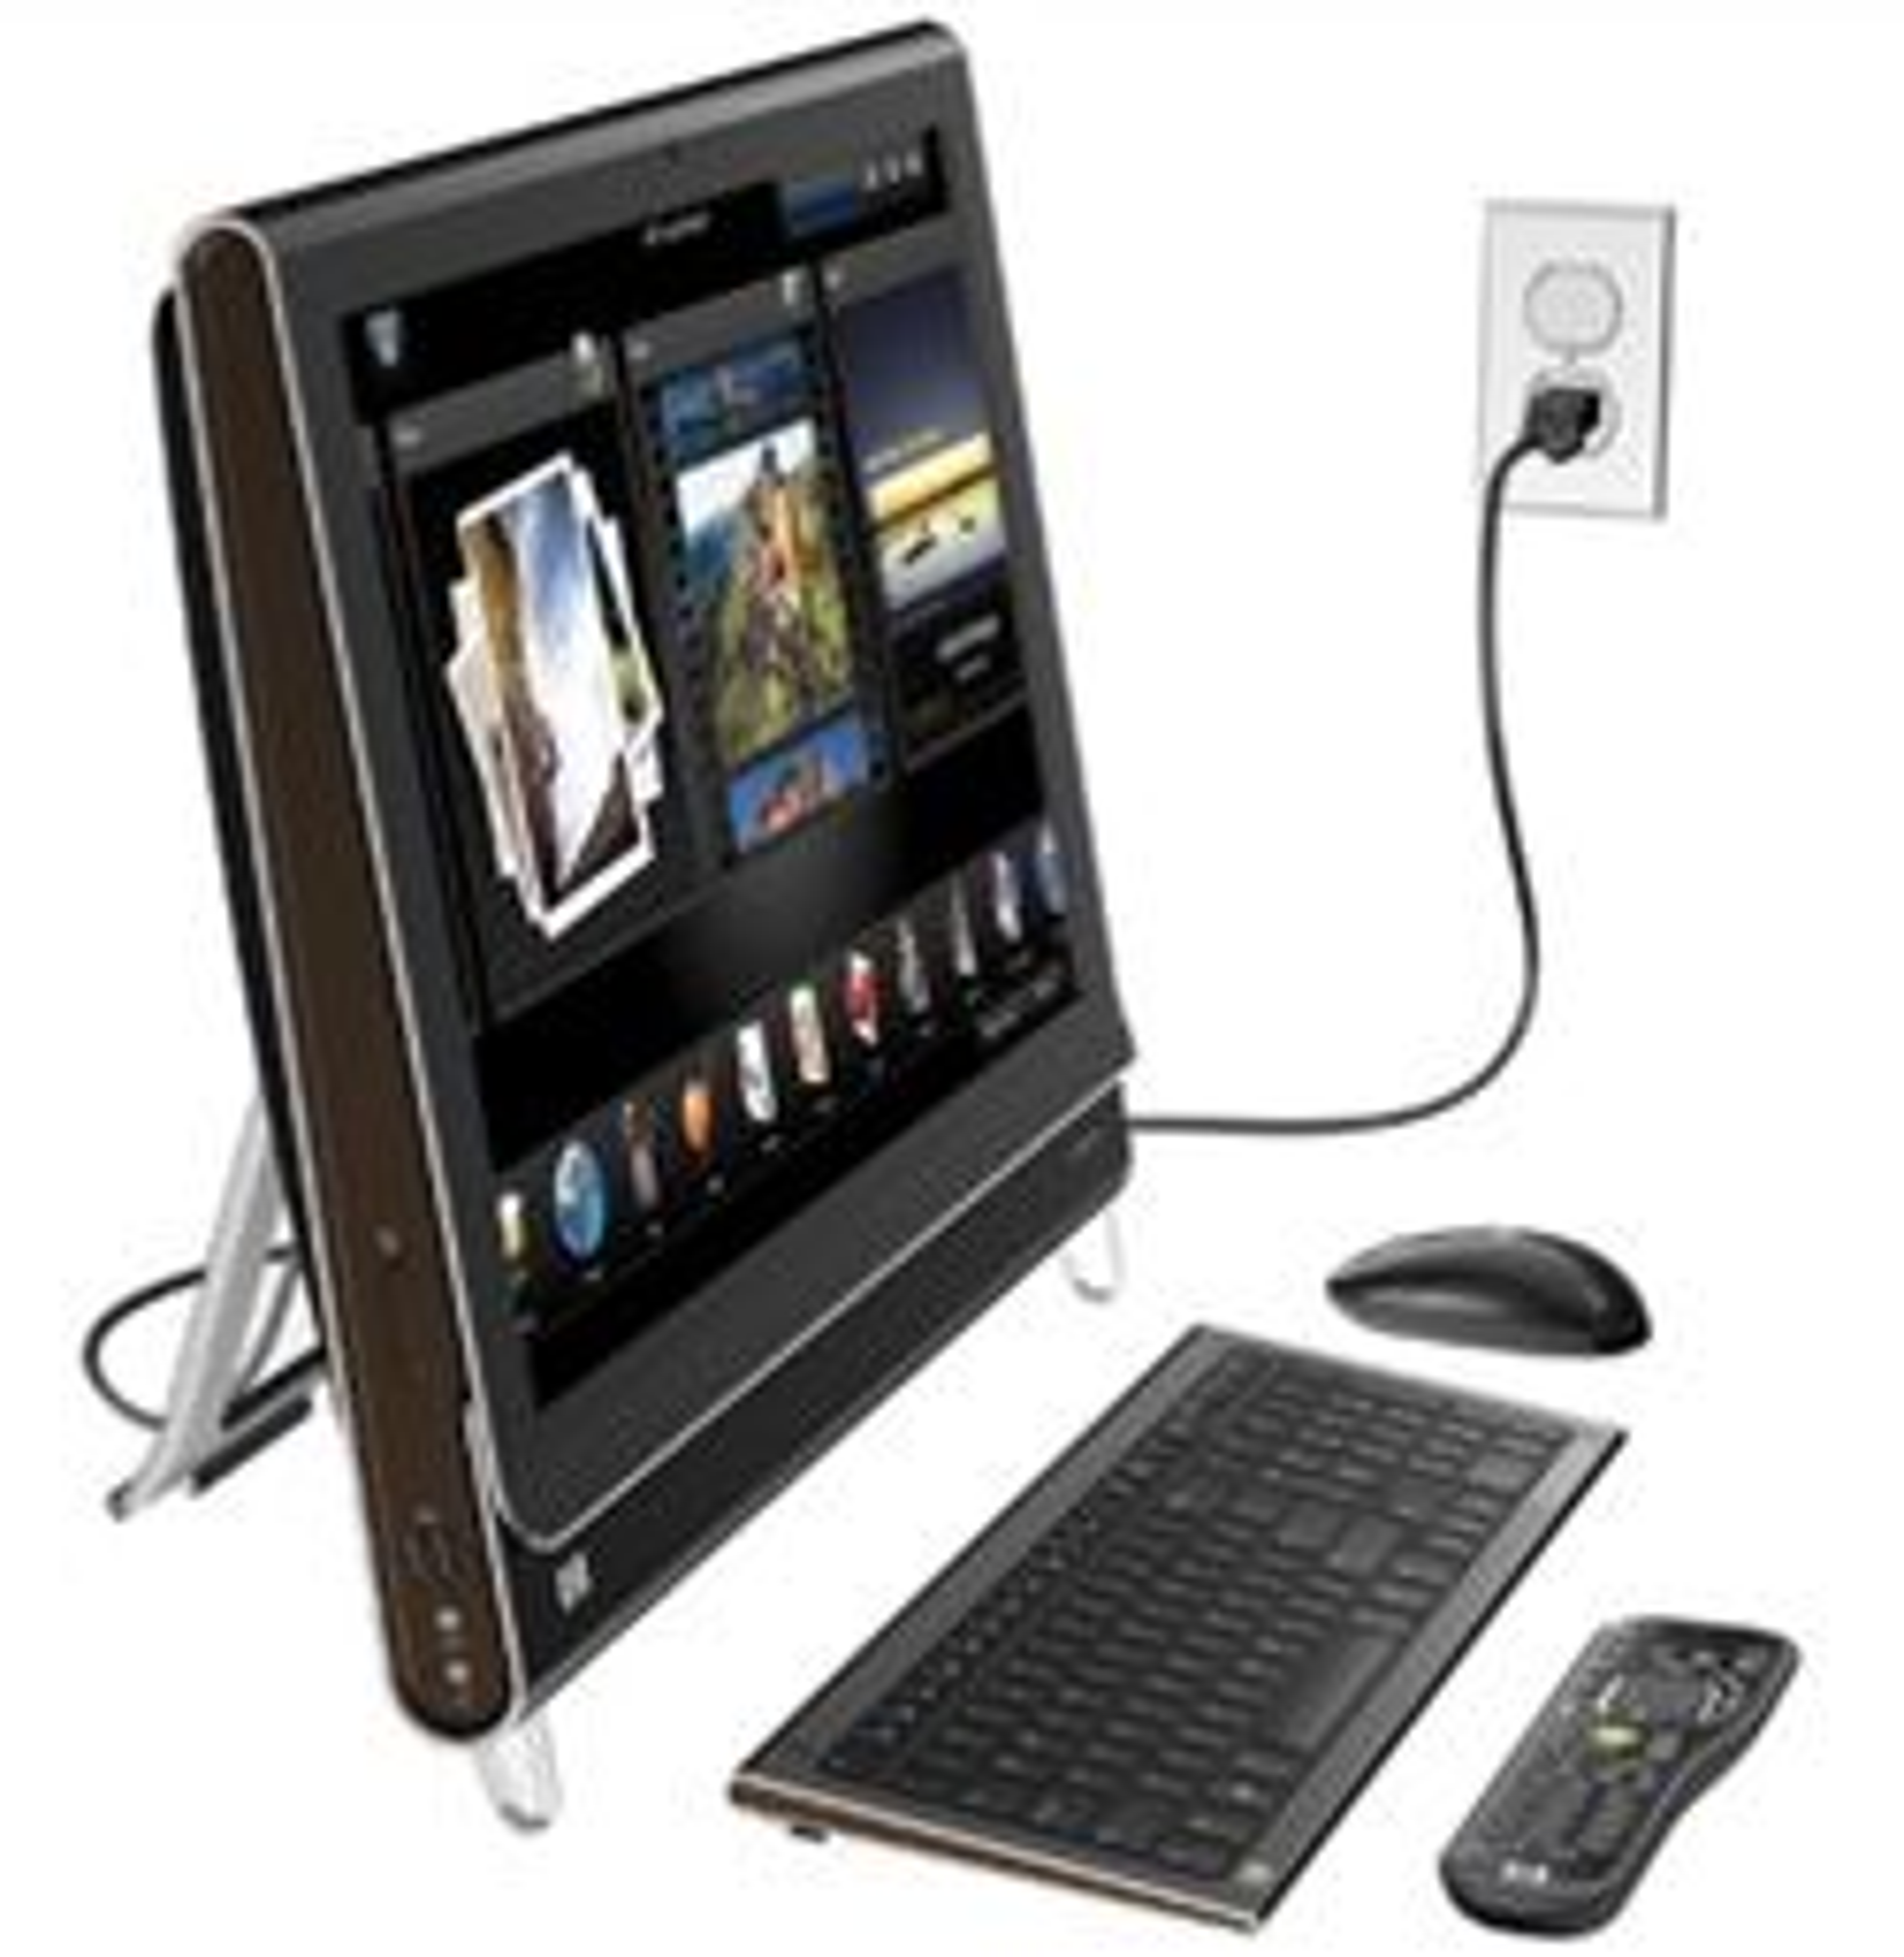 HPs nye maskin har PC-en bygget inn i skjermen. (Foto: HP)